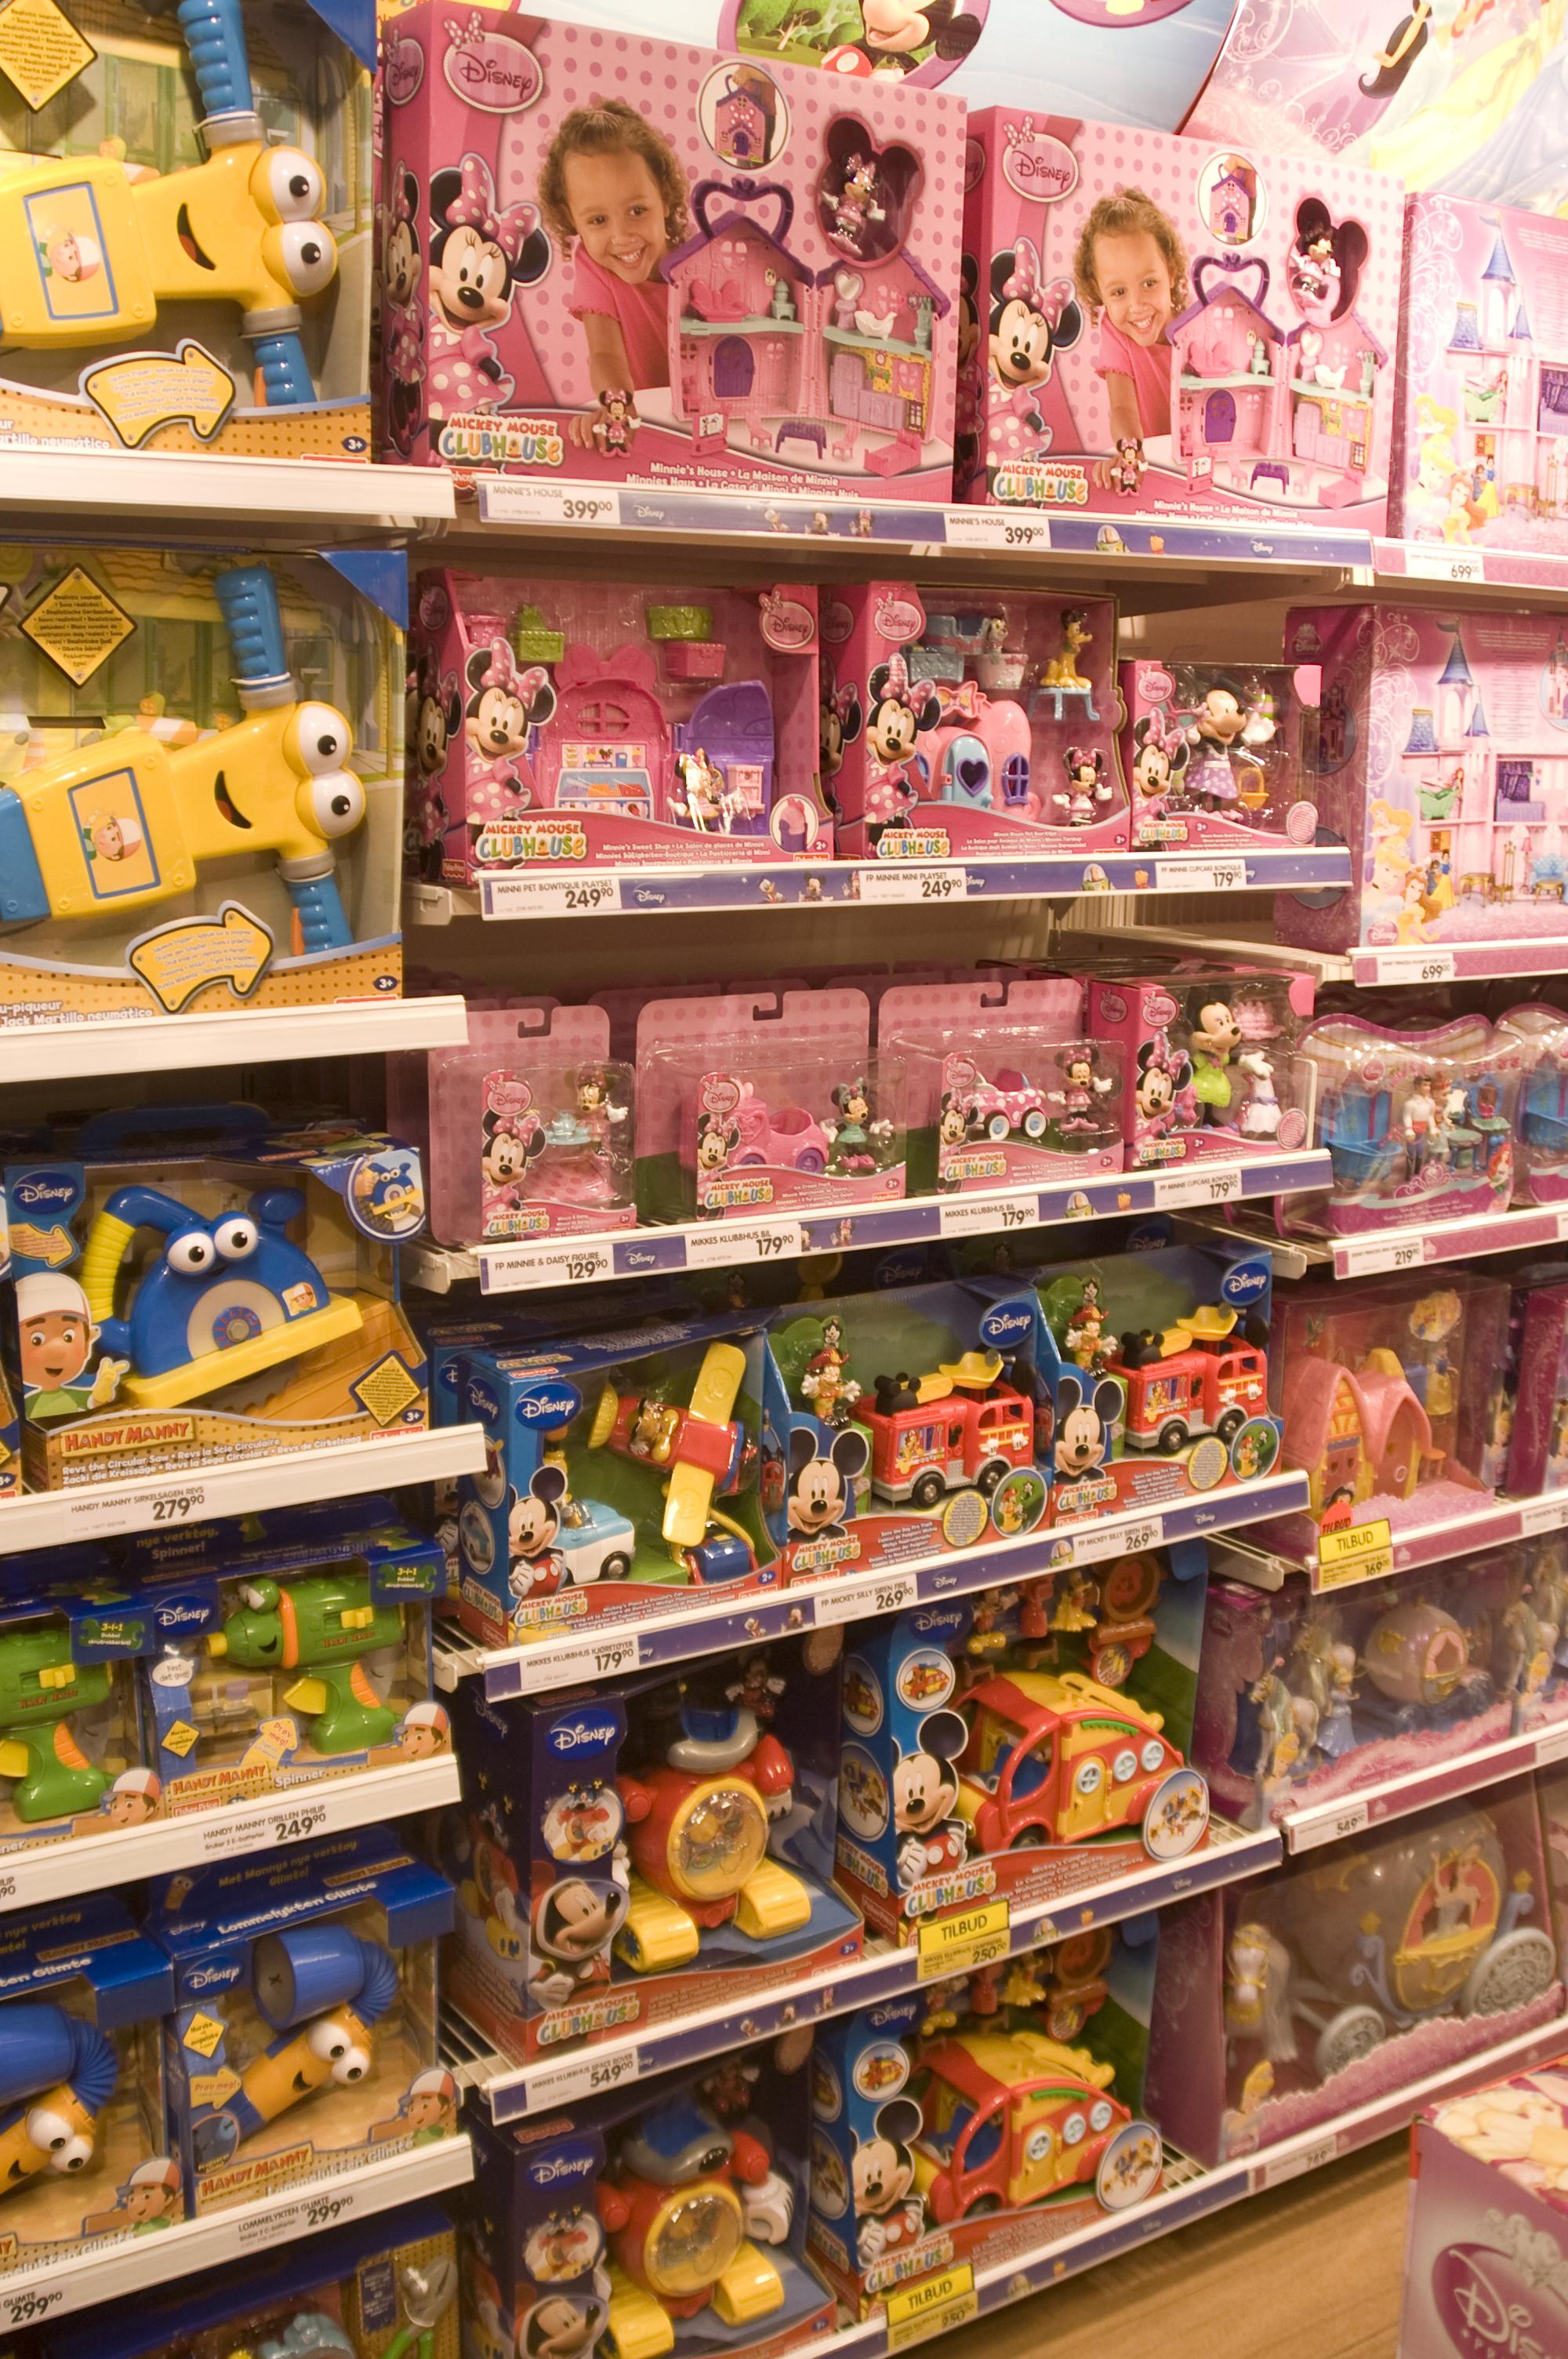 Det går et tydelig skille på tvers i hylla mellom leker med blå og rosa emballasje, henholdsvis brannbiler, heisekraner og mer huslig orienterte sysler.